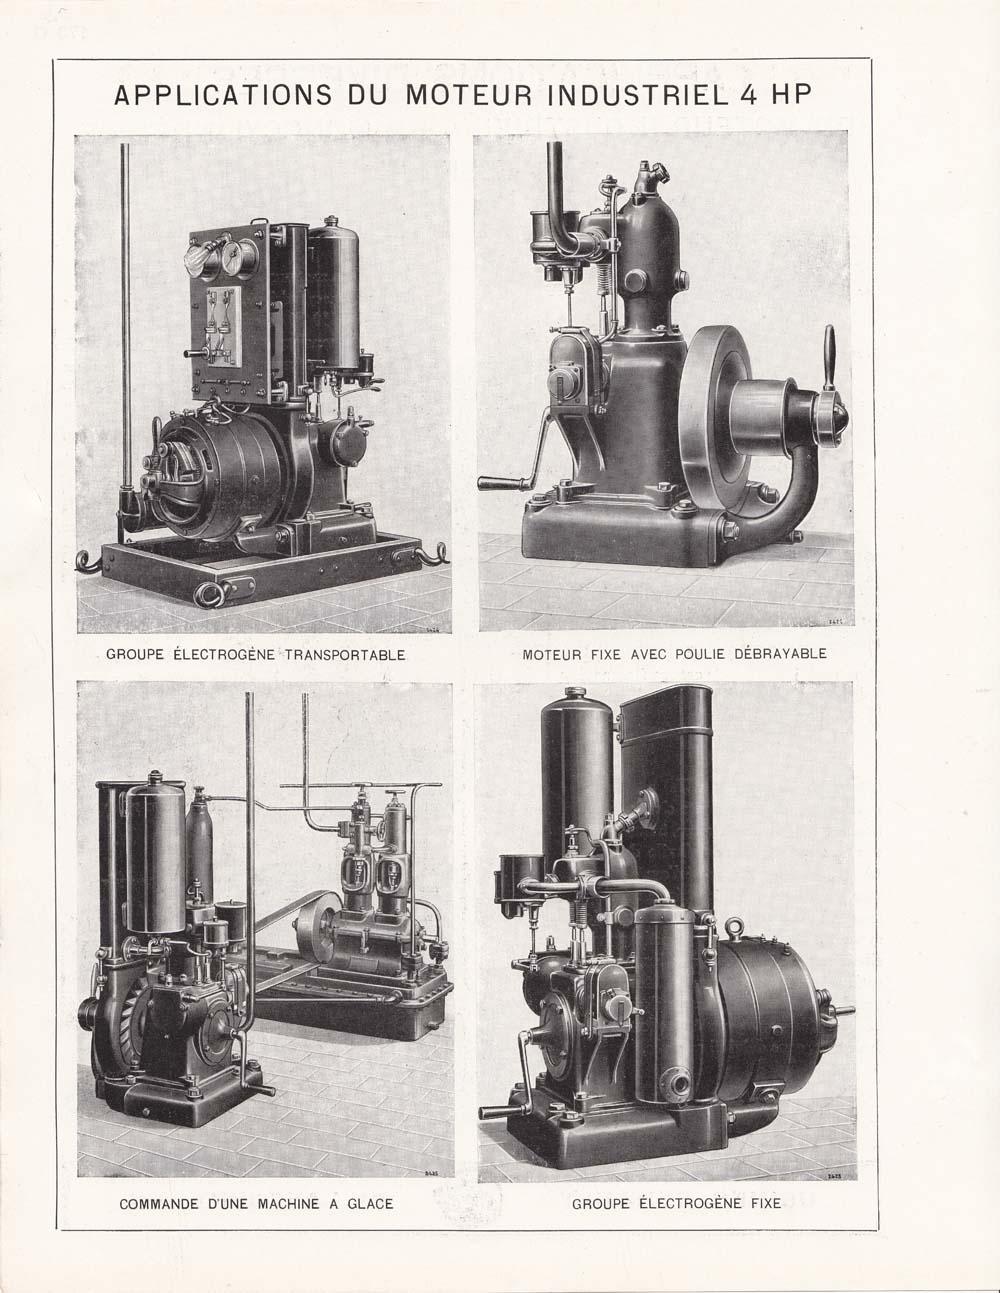 Moteur industriel 4 HP monocylindrique à essence © APR Droits réservés